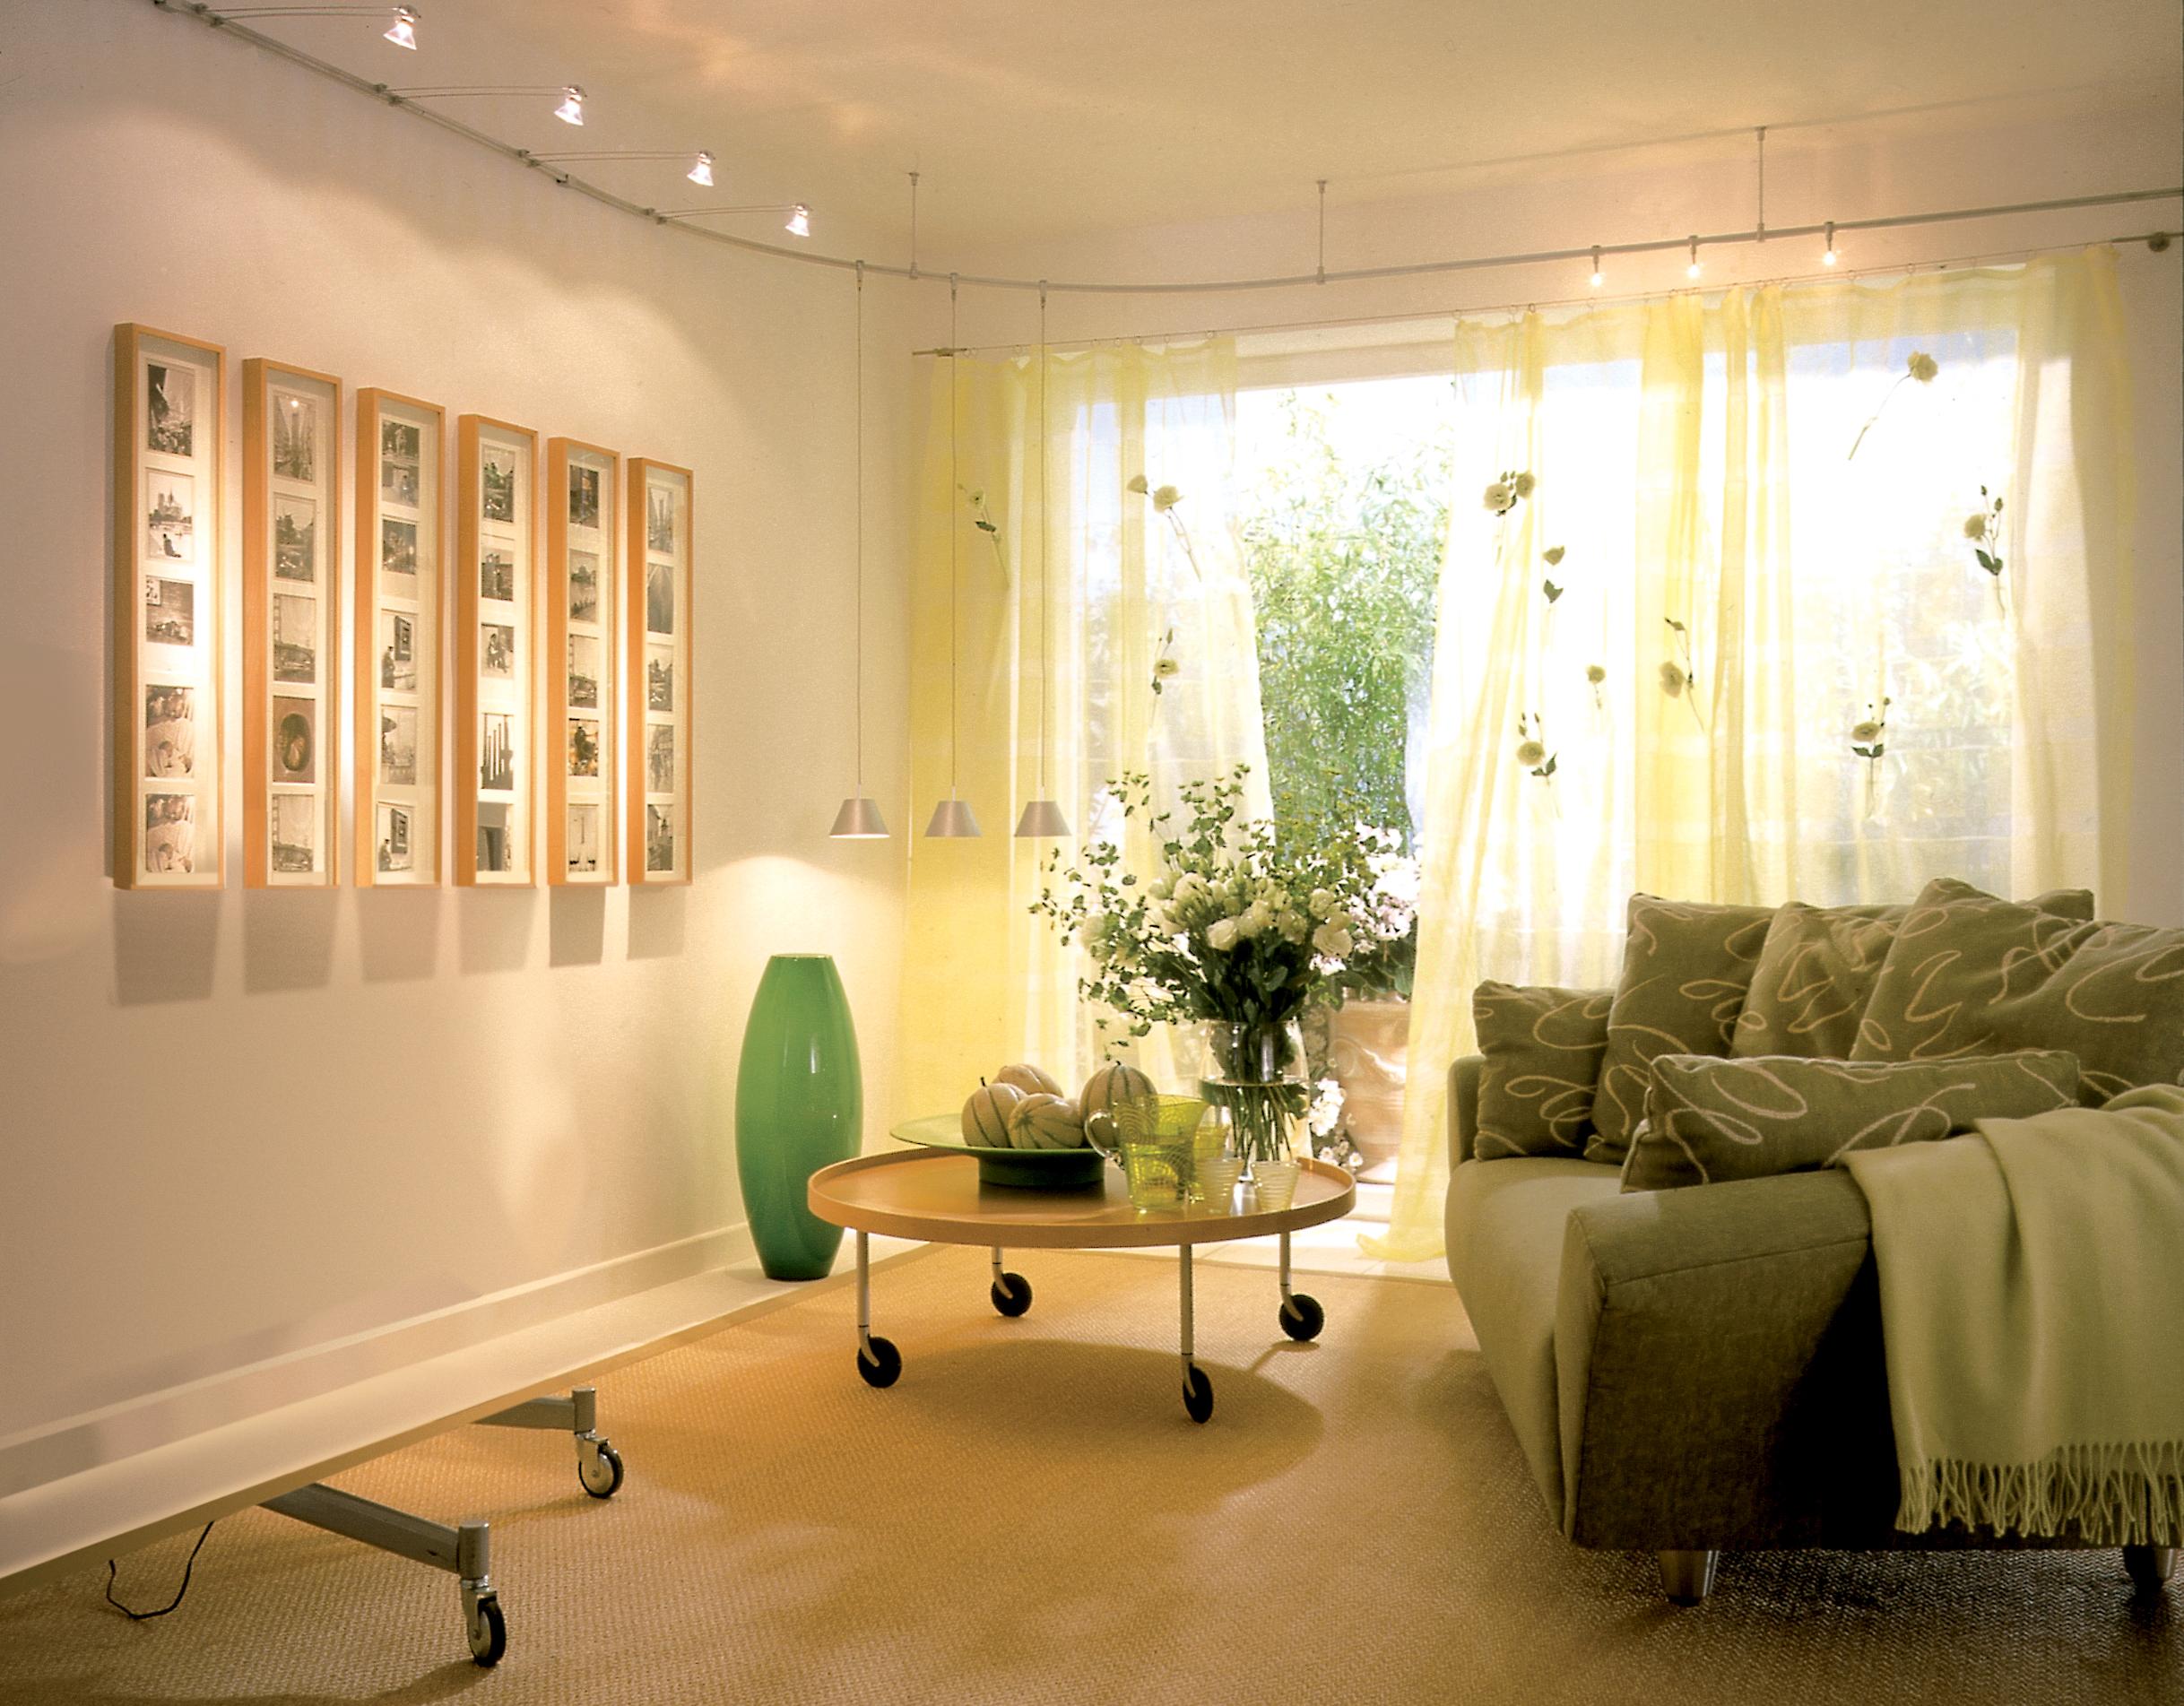 led statt halogen so geht s. Black Bedroom Furniture Sets. Home Design Ideas